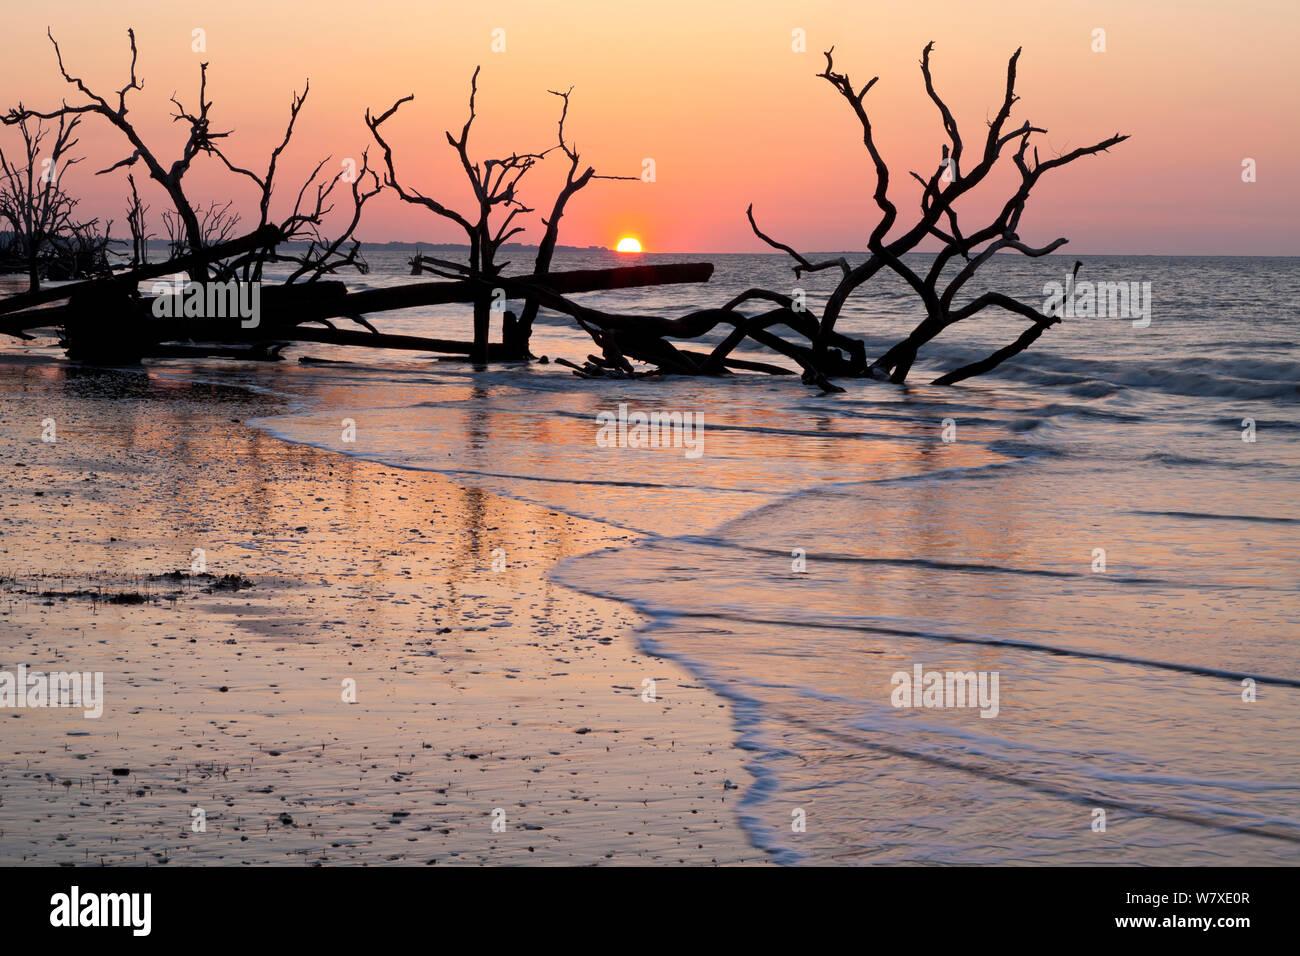 Gli alberi morti di sunrise al Cimitero in Spiaggia la Botany Bay Plantation Wildlife Management Area su Edisto Island, South Carolina, Stati Uniti d'America. Modifica delle maree hanno trasformato quello che una volta era la foresta in una spiaggia. Foto Stock